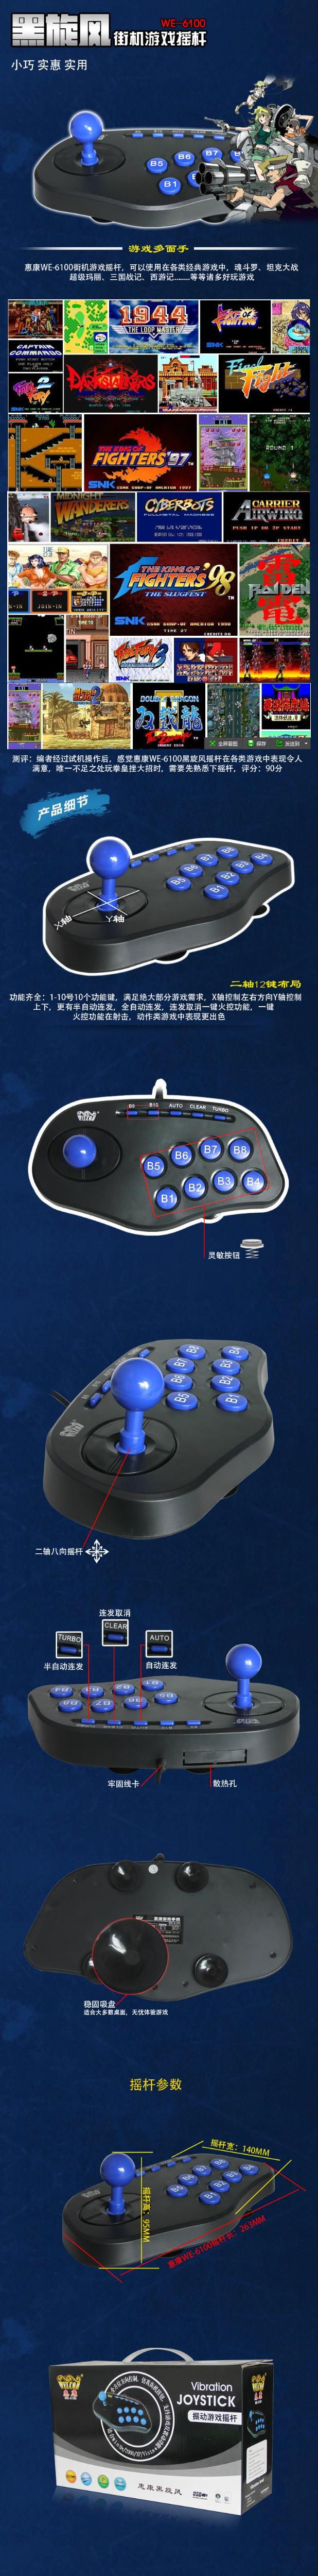 Игровой джойстик USB Windows XP/WIN 7/8